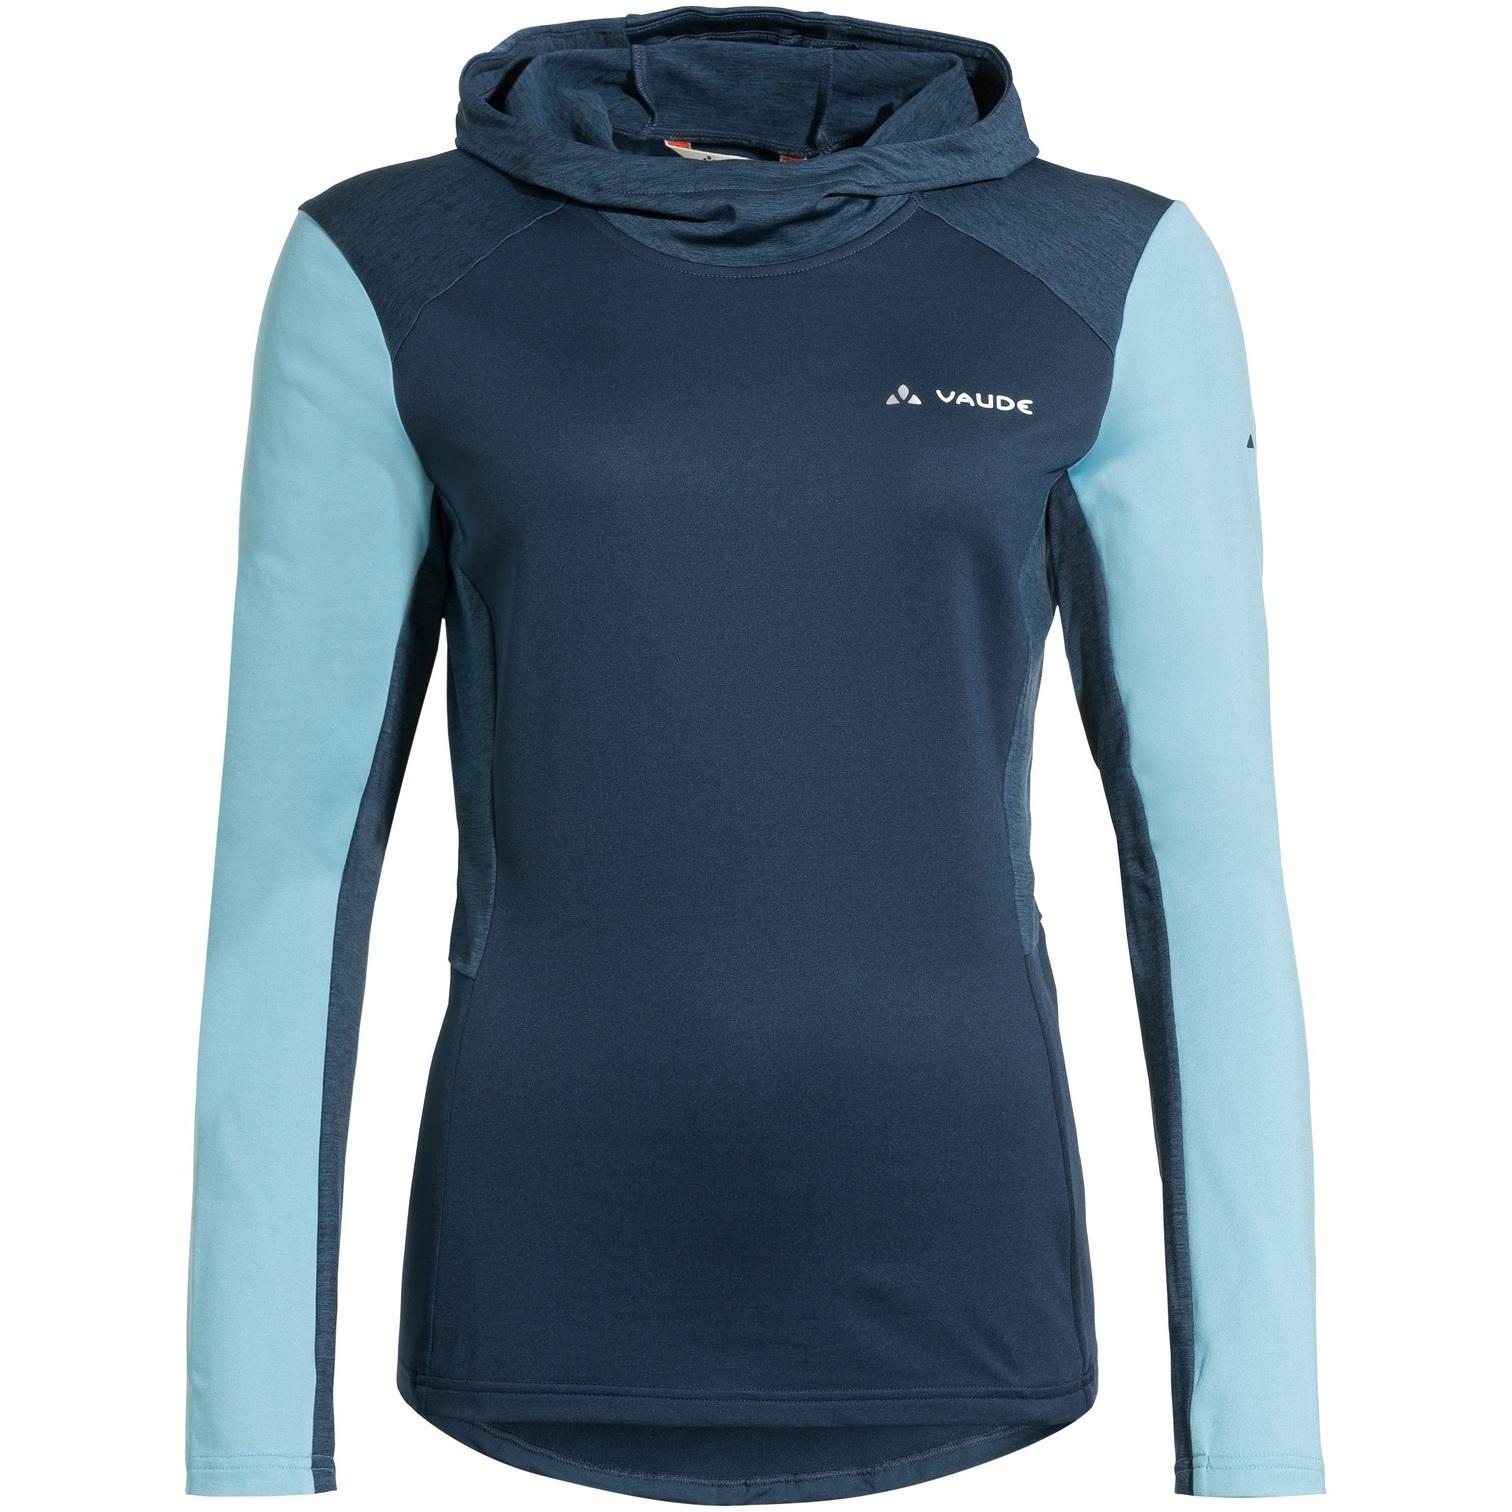 Vaude Women's Qimsa LS T-Shirt - dark sea